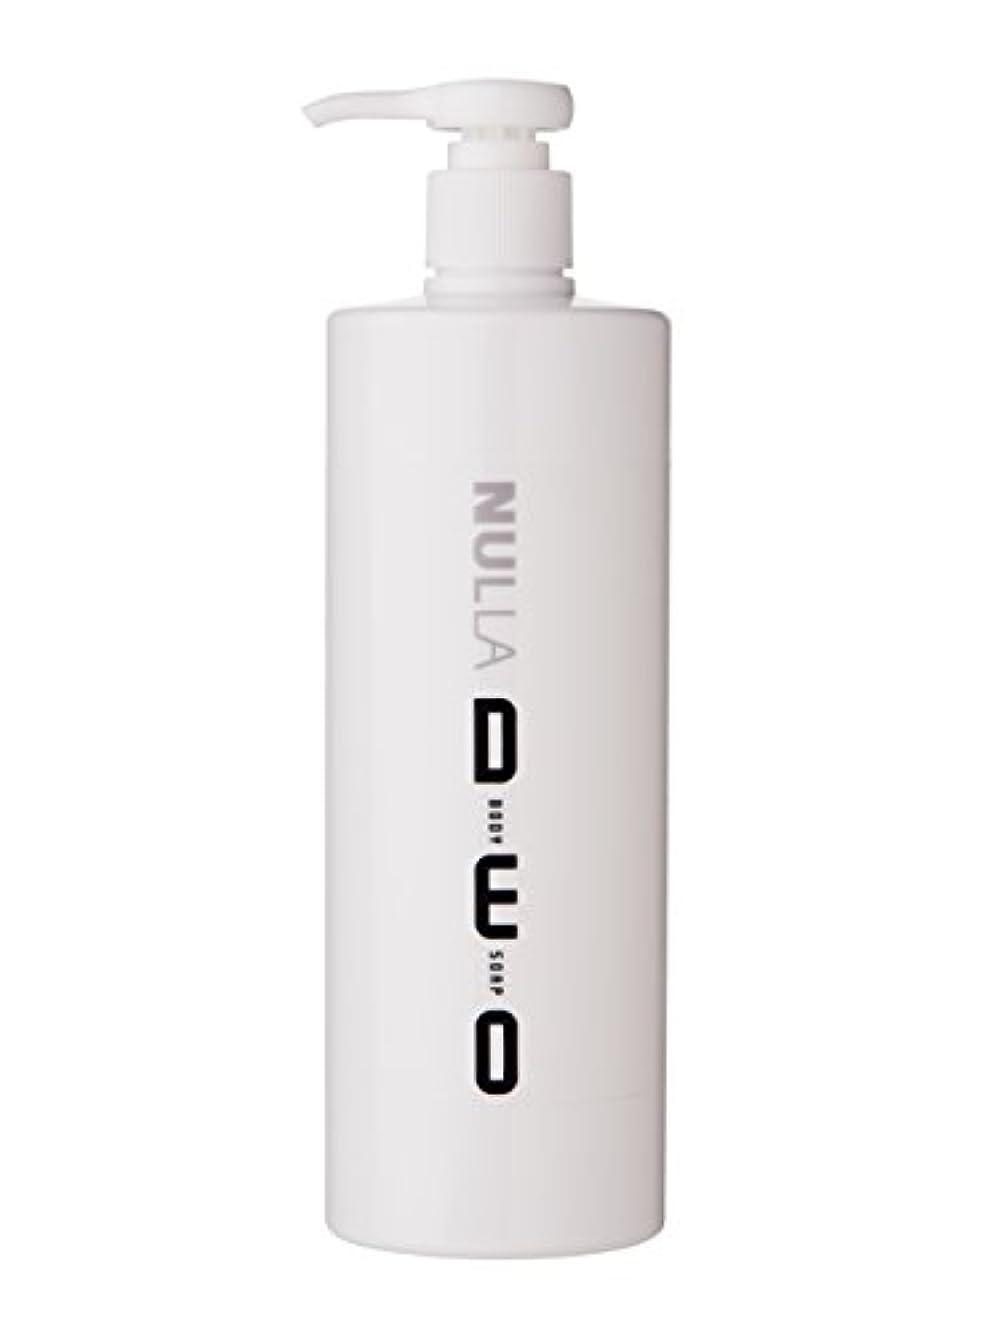 パトロン露未払いNULLA(ヌーラ) ヌーラデオ ボディソープ [ニオイ菌を抑制] 500ml 日本製 加齢臭 体臭 対策 シャボンの香り